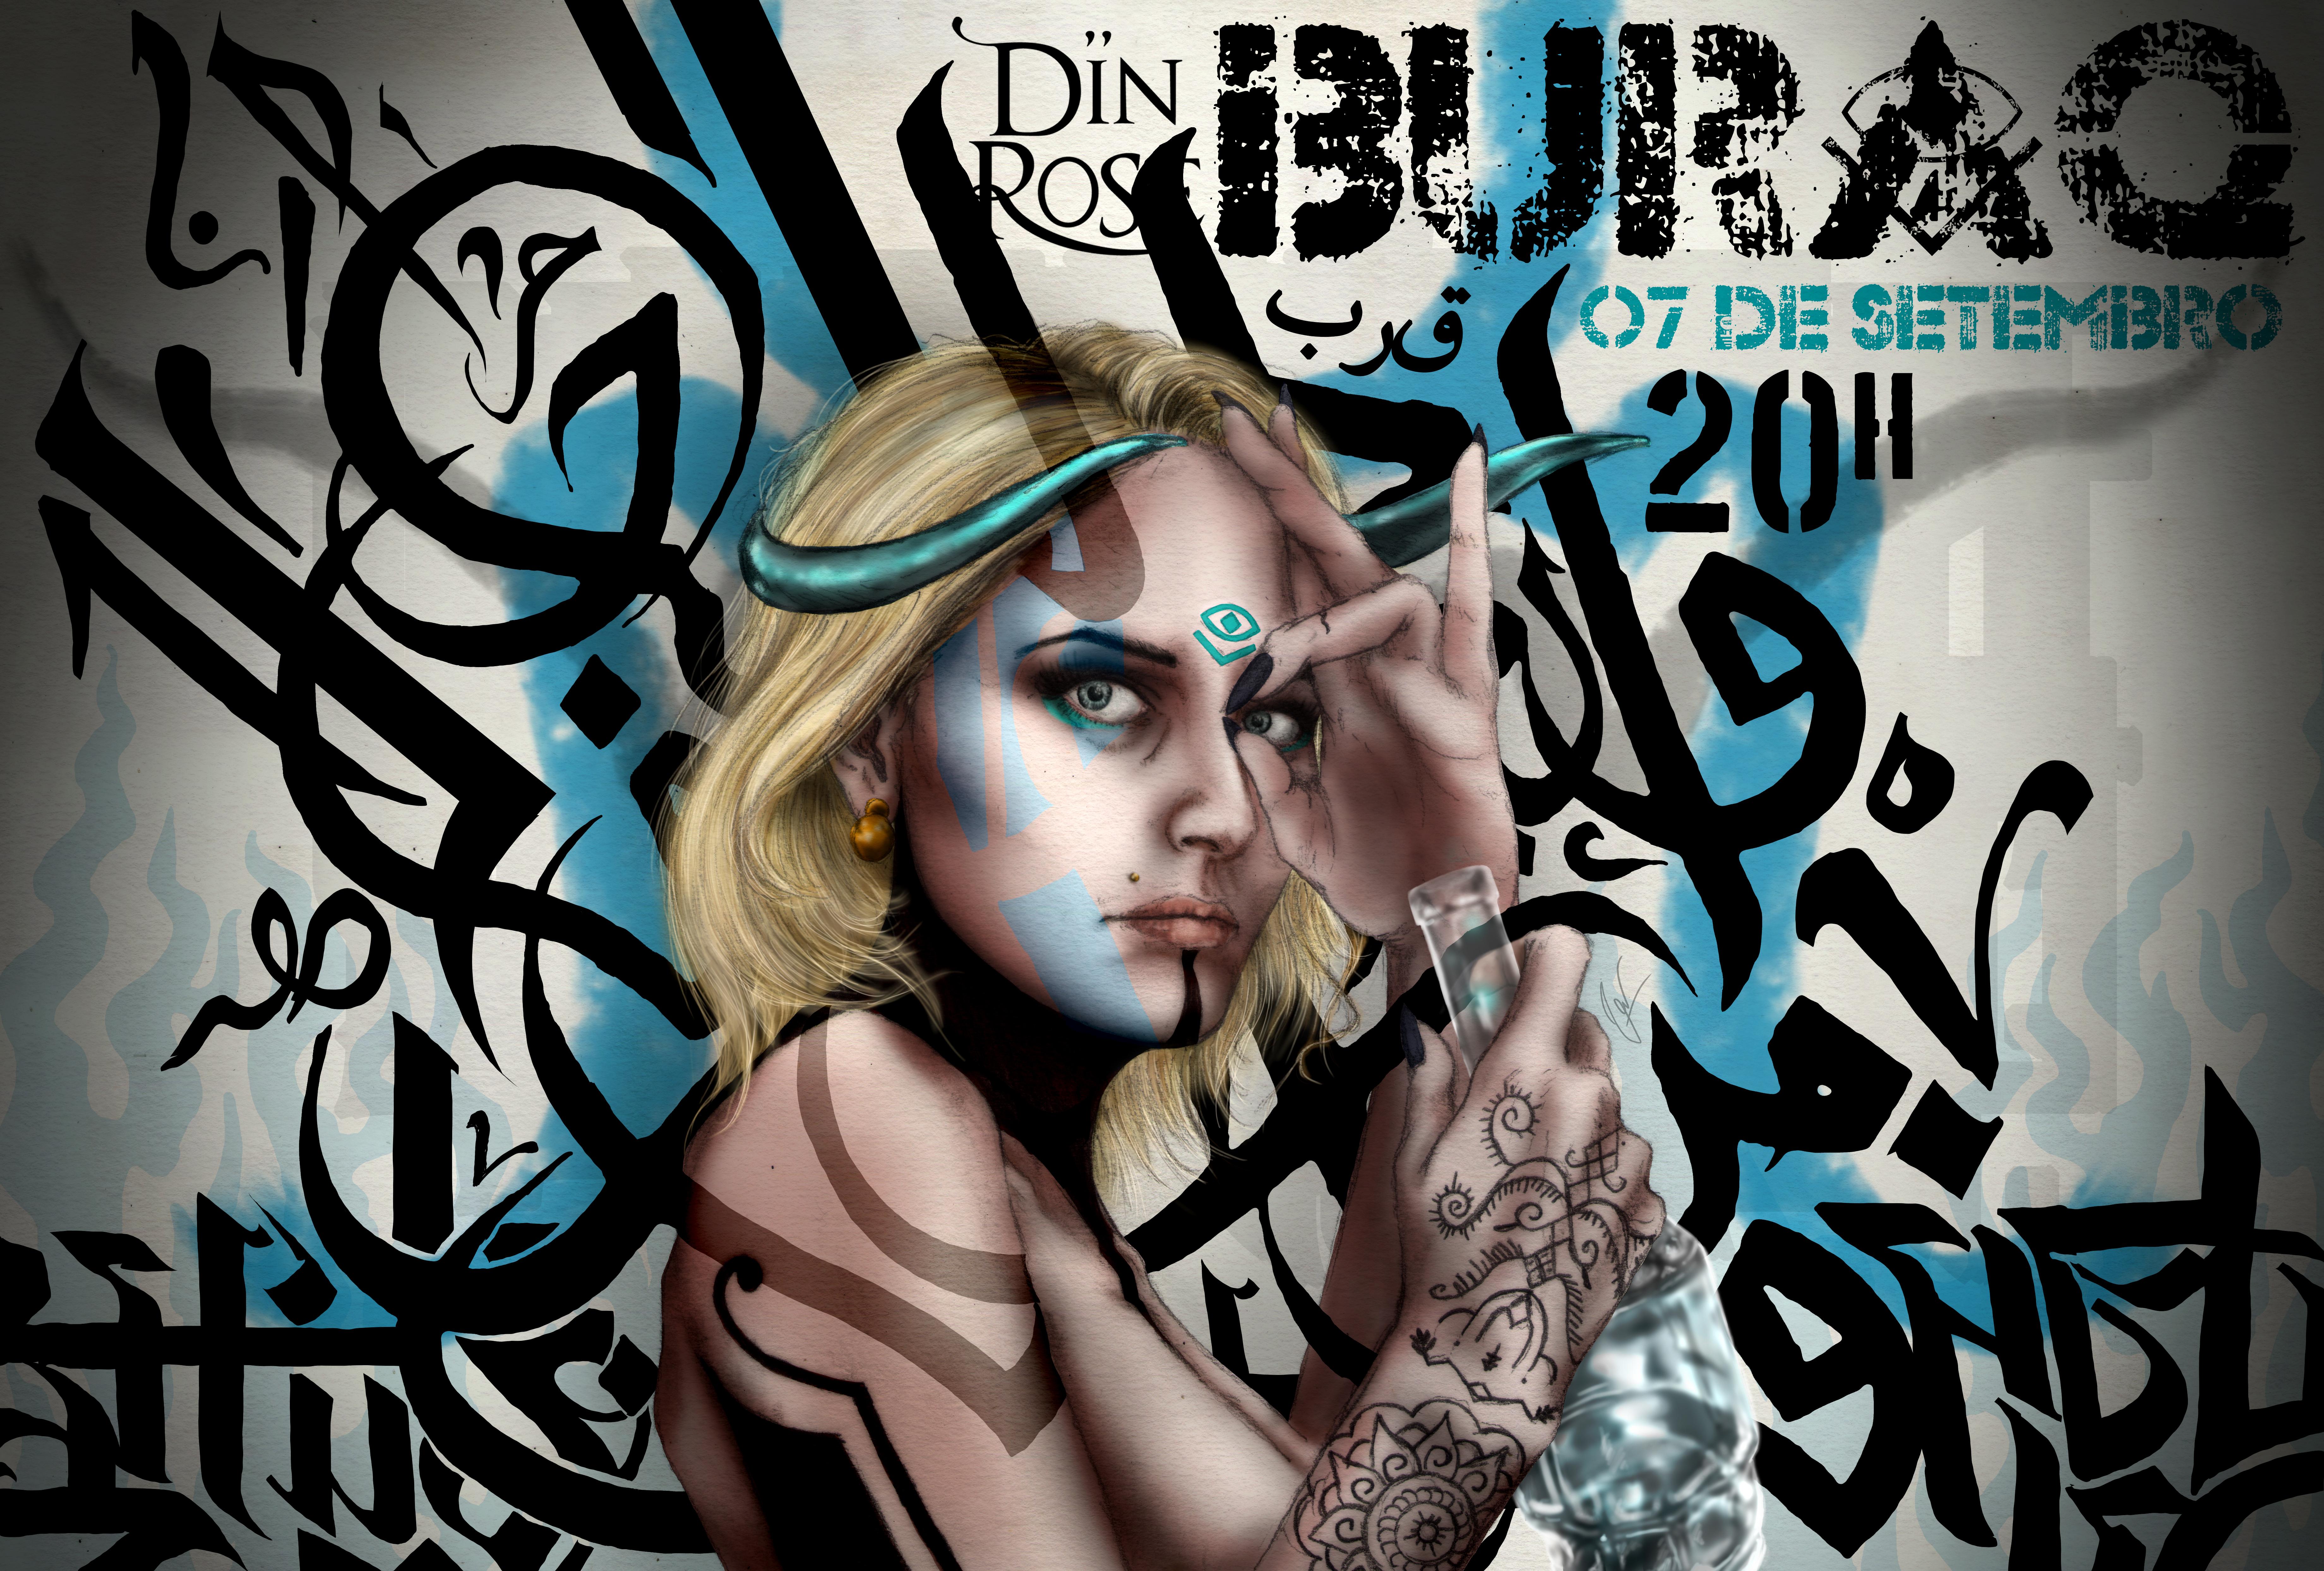 BURAQ - show Din Rose